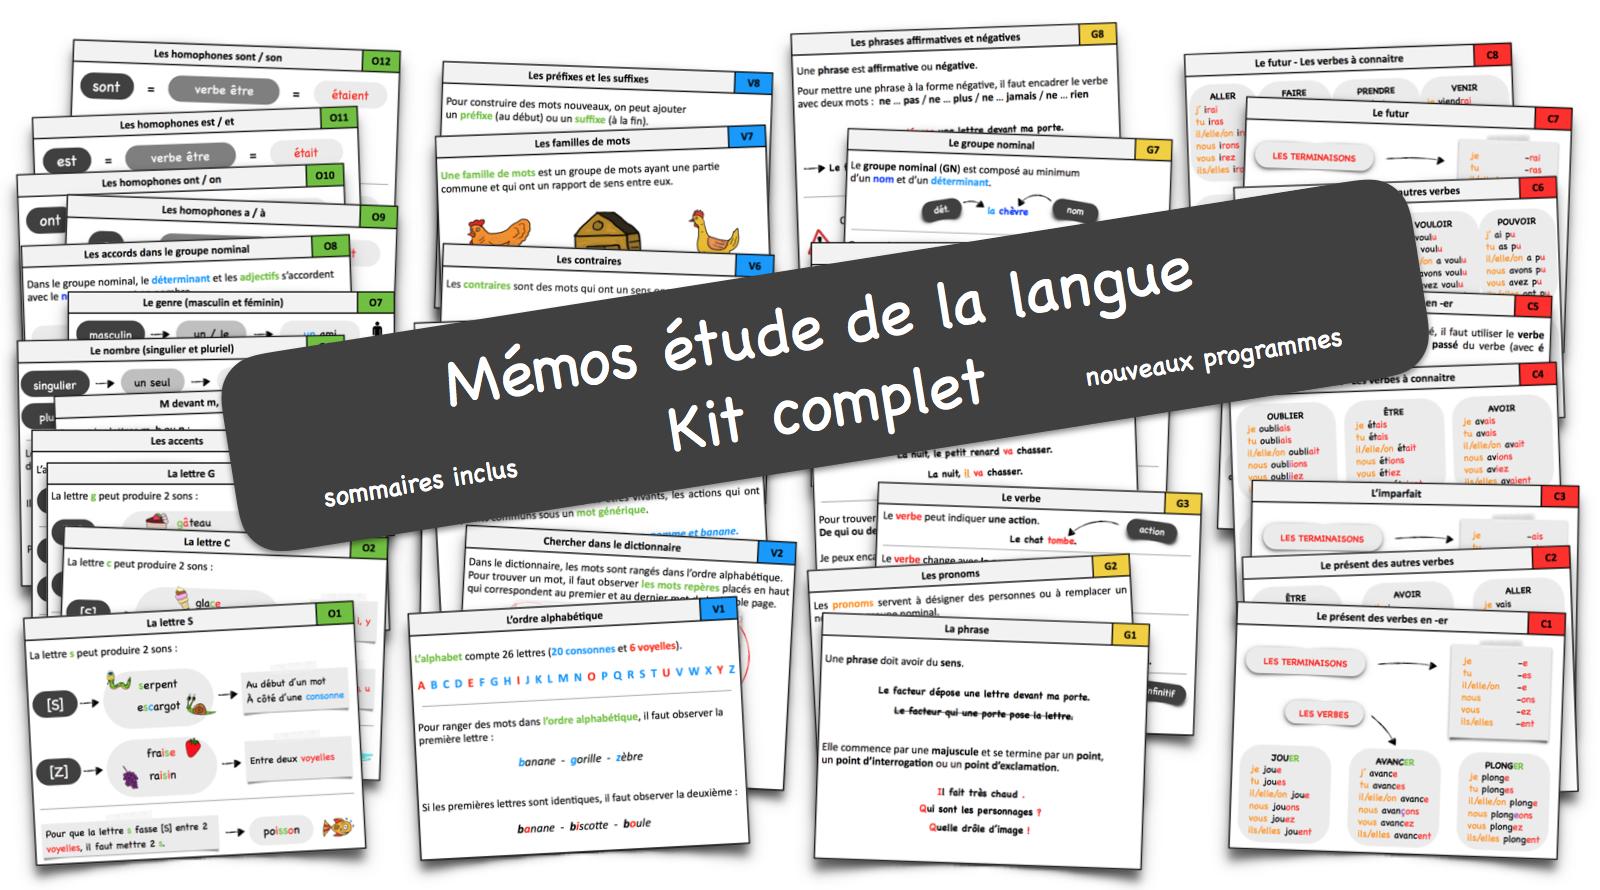 Mémos Étude De La Langue Ce1-Ce2 – Le Blog Du Cancre tout Fiche De Français Ce2